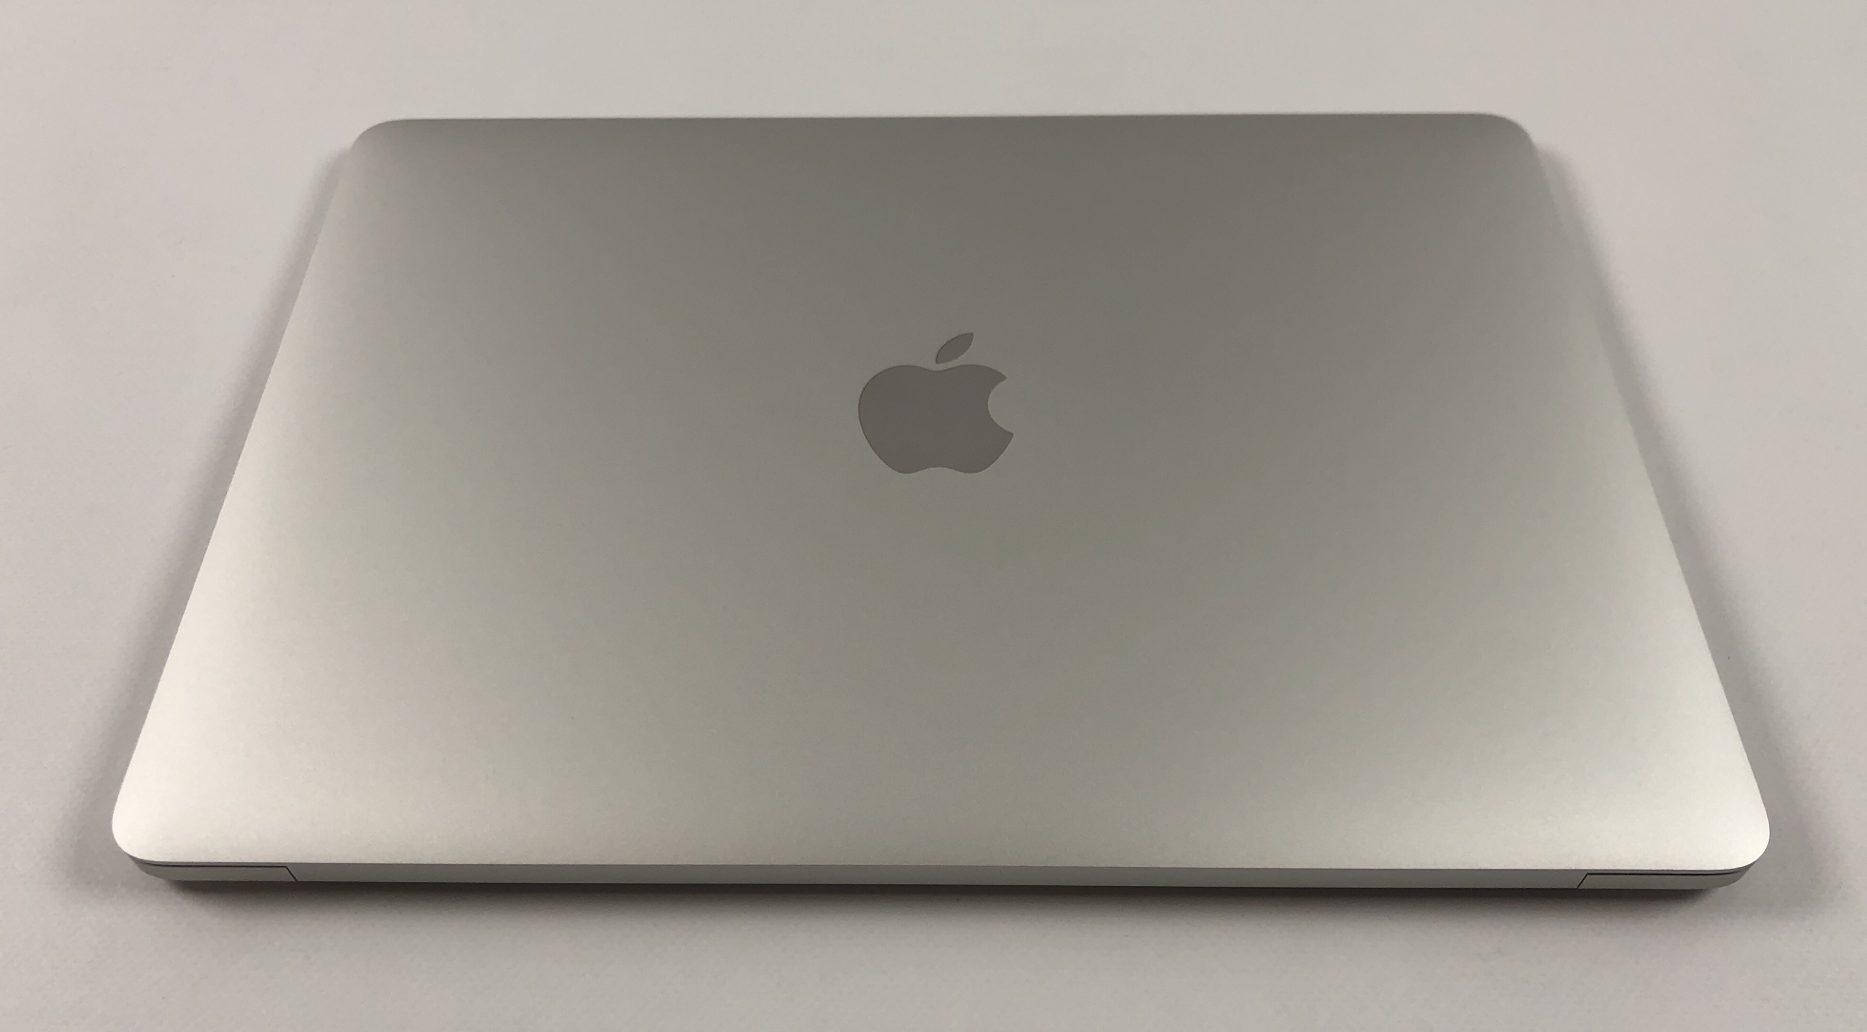 """MacBook 12"""" Mid 2017 (Intel Core i5 1.3 GHz 8 GB RAM 512 GB SSD), Silver, Intel Core i5 1.3 GHz, 8 GB RAM, 512 GB SSD, Bild 2"""